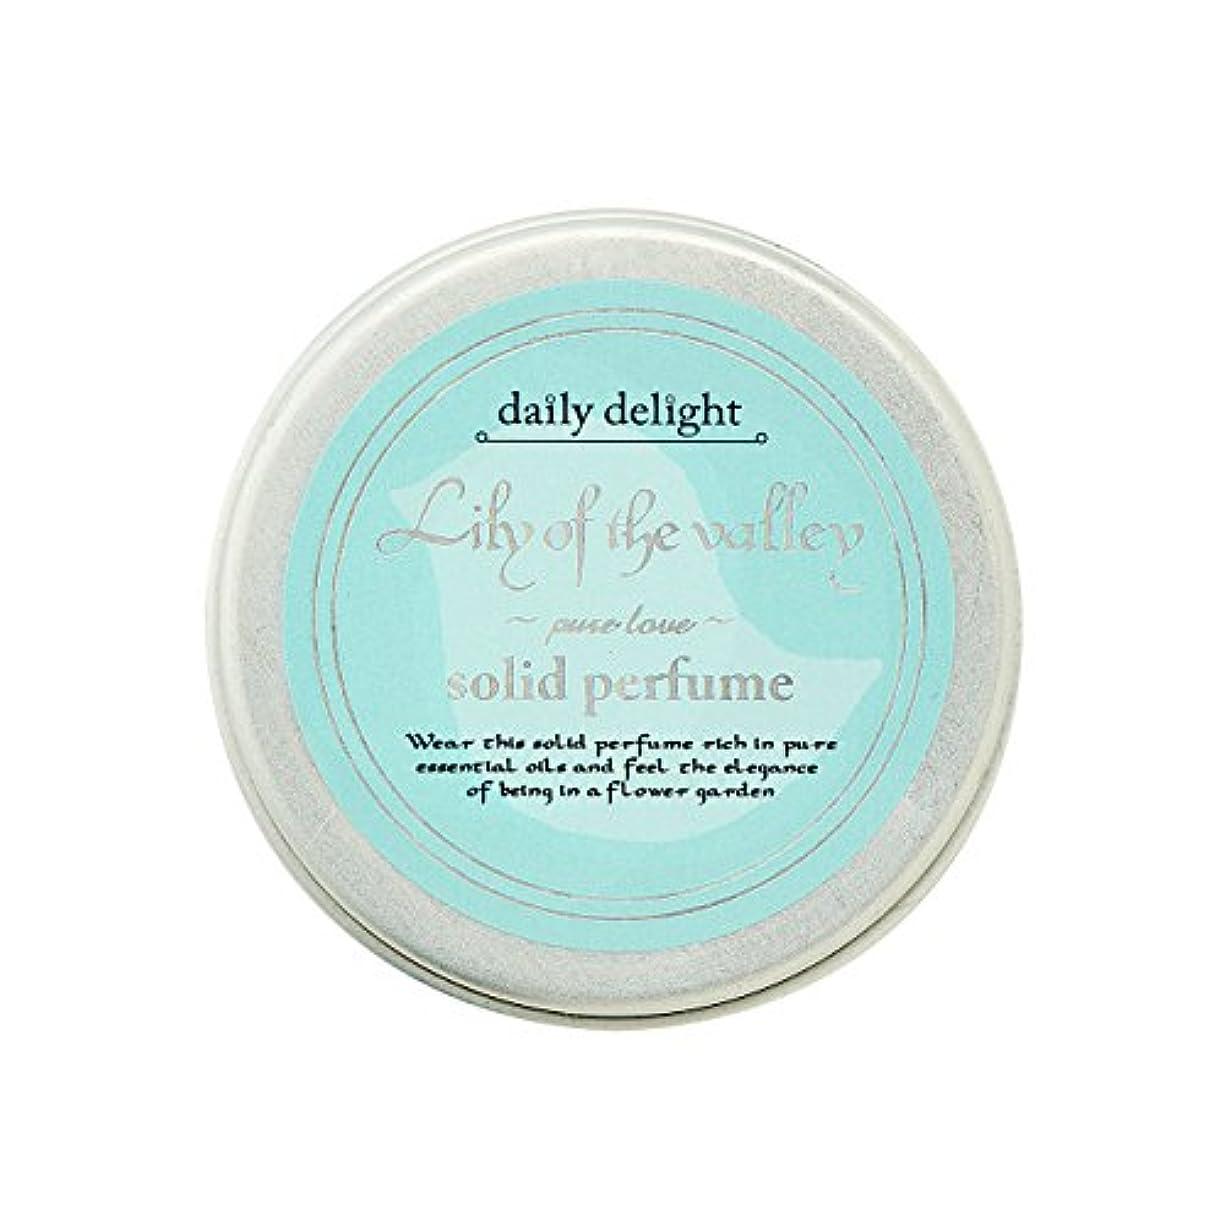 個人グリルパワーデイリーディライト 練り香水 スズラン  10g(香水 携帯用 ソリッドパフューム アルコールフリー さわやかな透明感のあるスズランの香り)